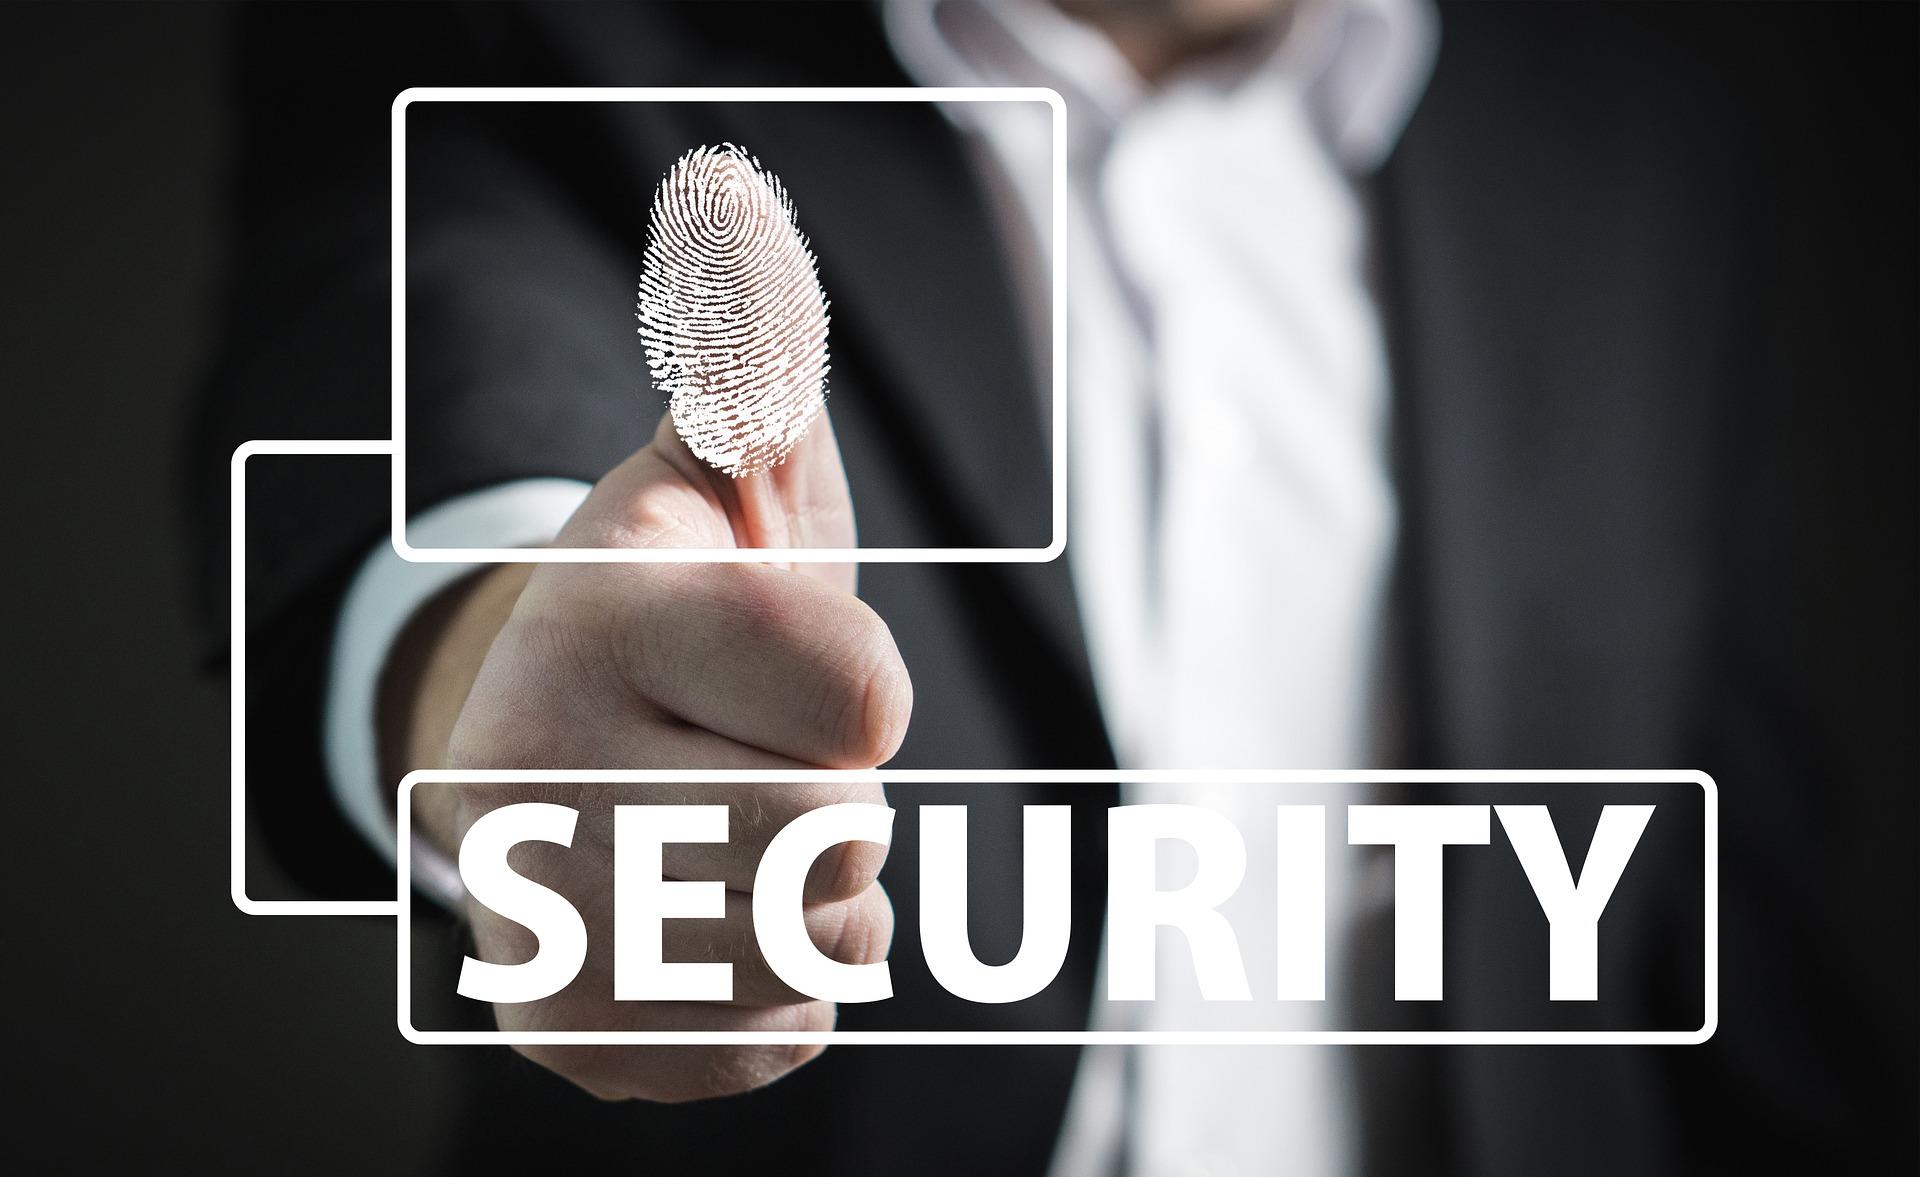 Así puedes evitar fraudes con la validación de identidad